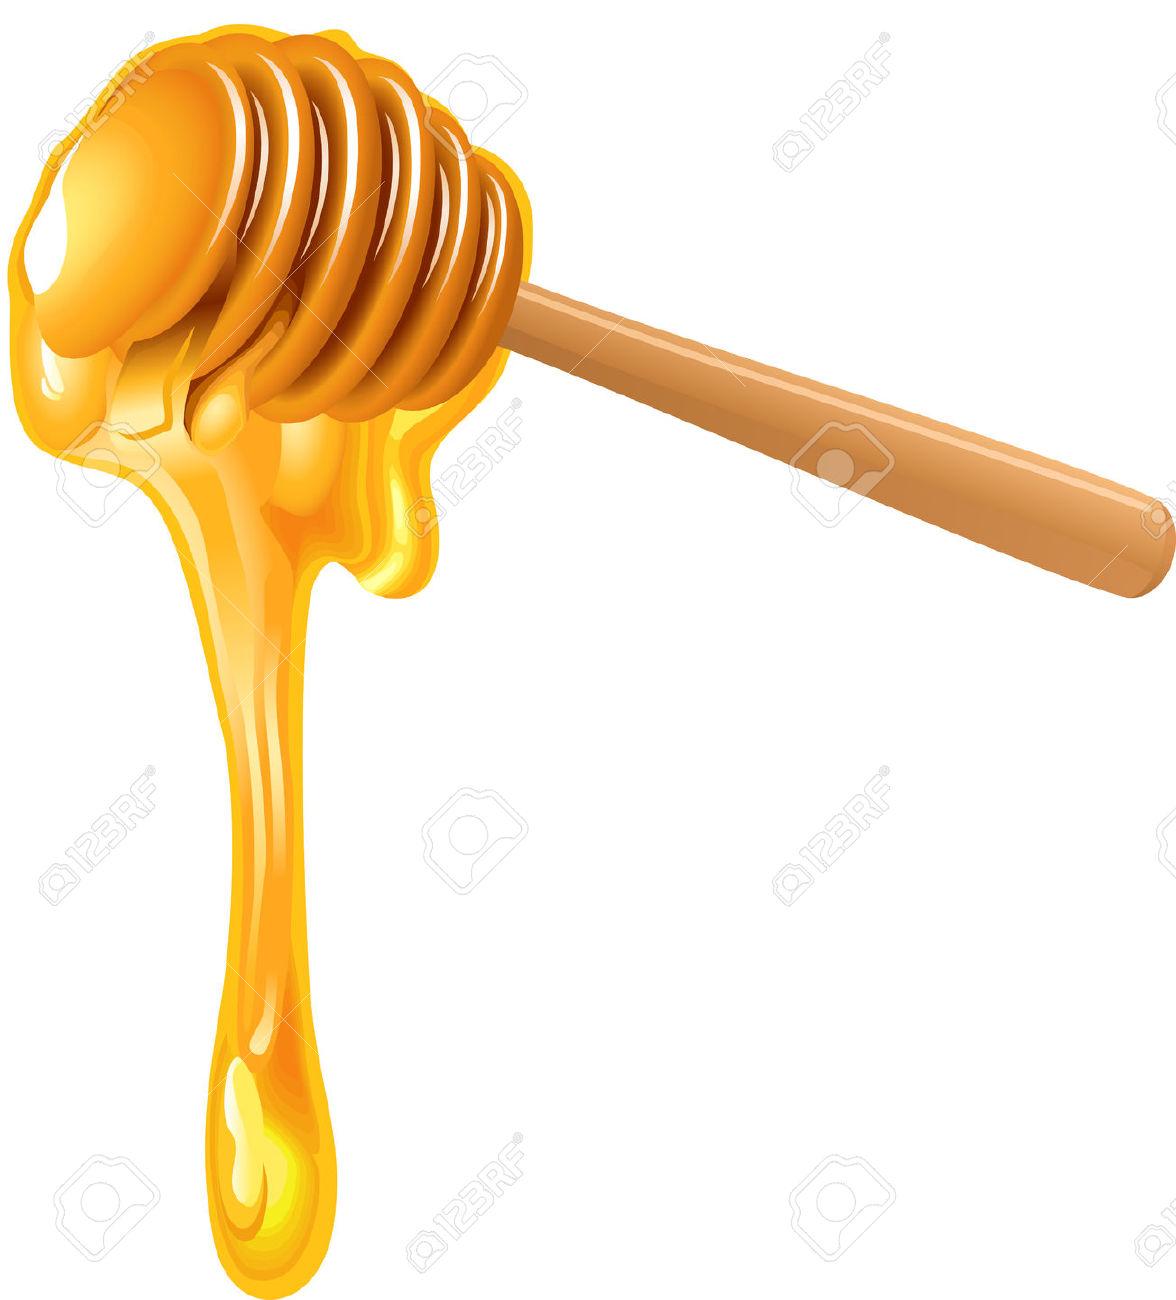 clipart honey - photo #23